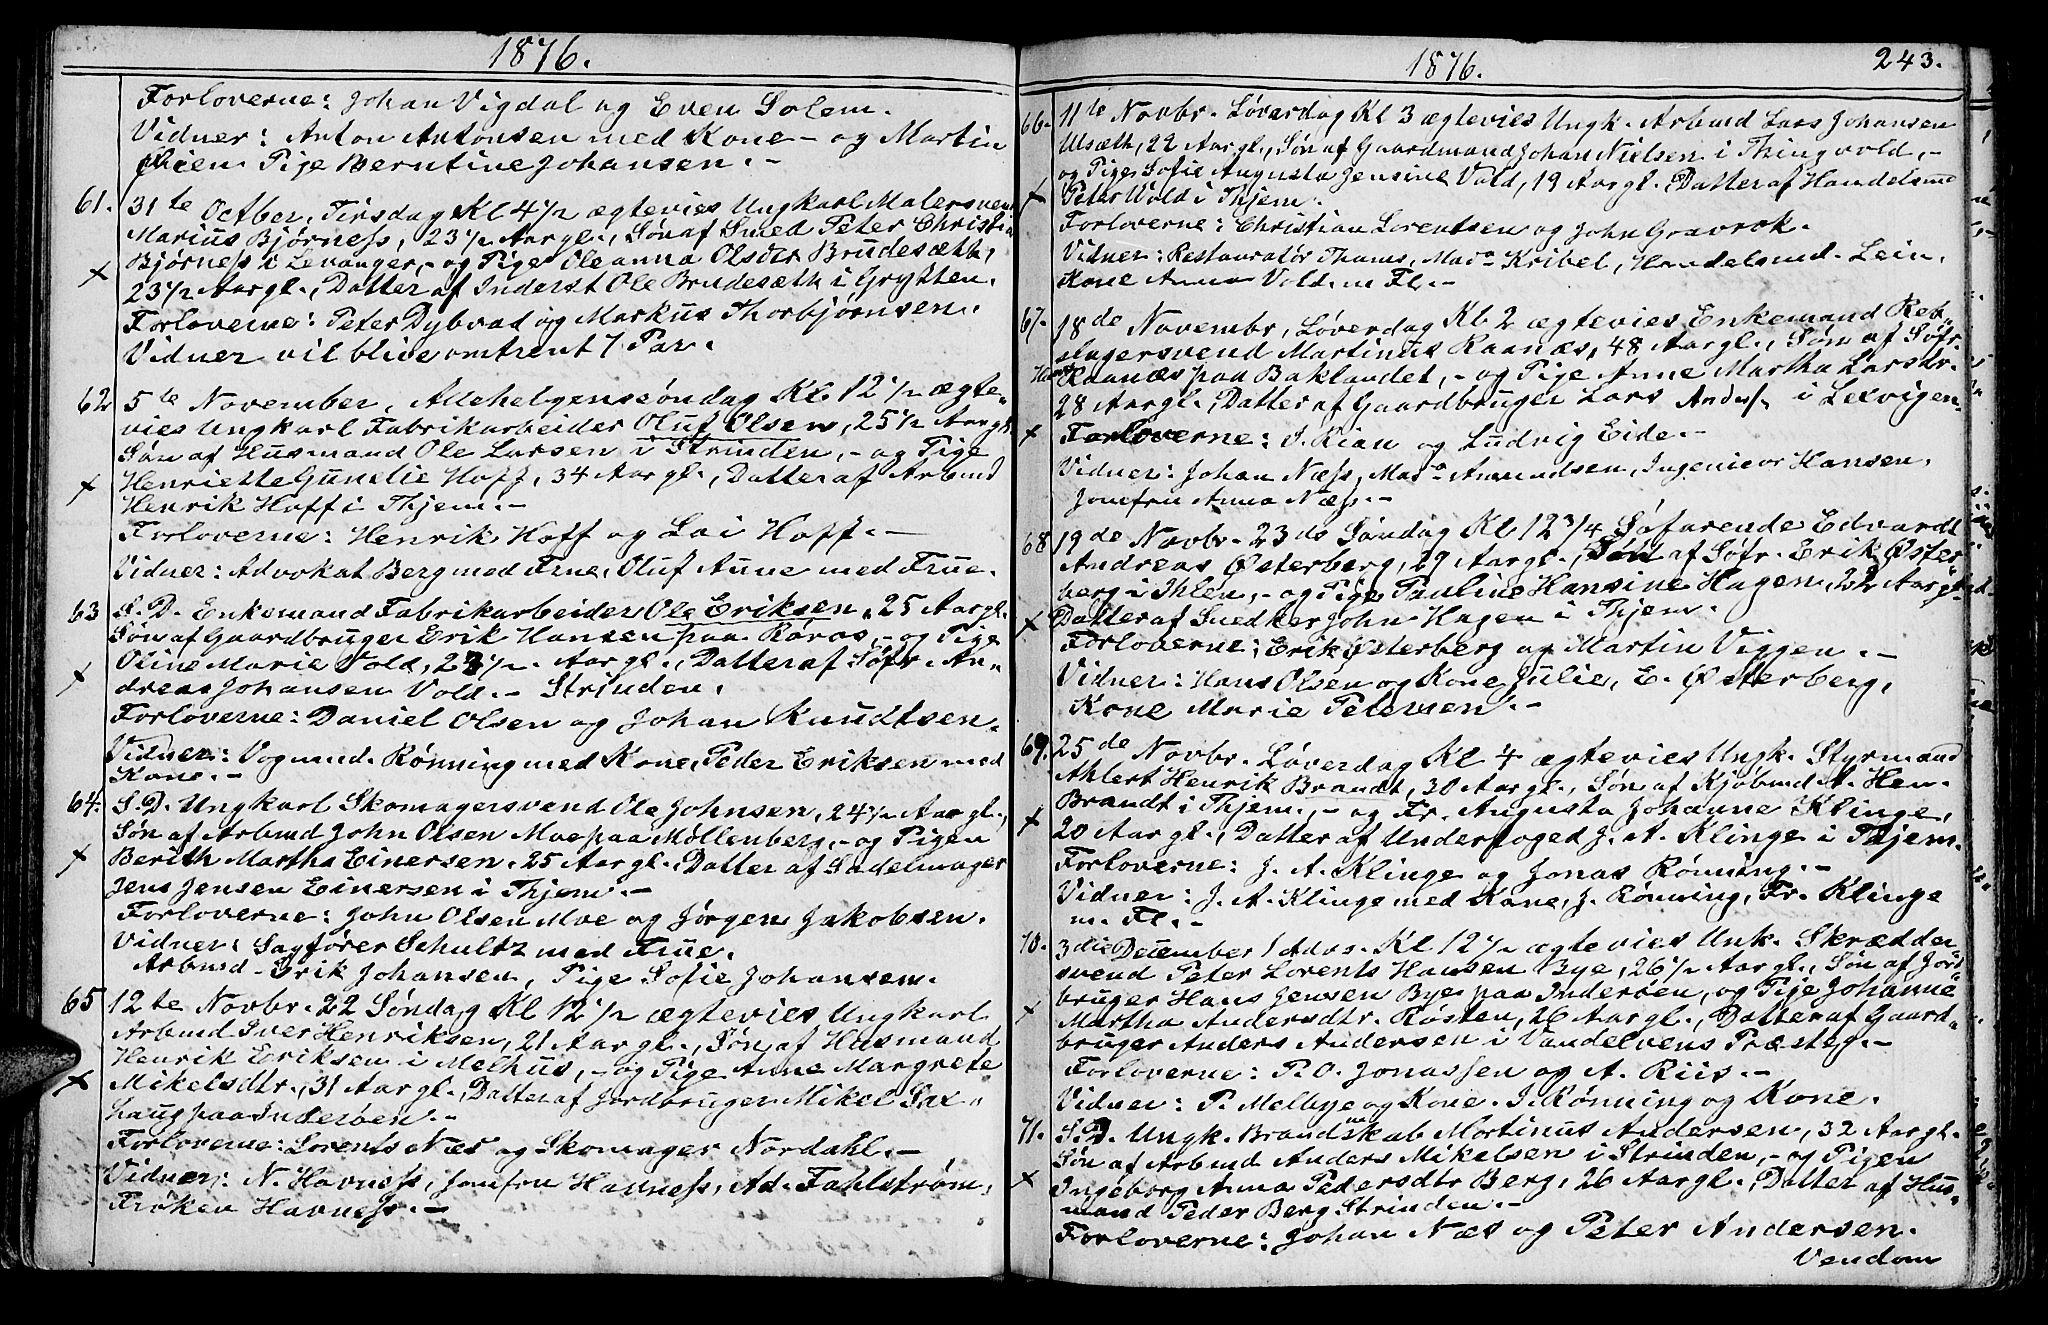 SAT, Ministerialprotokoller, klokkerbøker og fødselsregistre - Sør-Trøndelag, 602/L0142: Klokkerbok nr. 602C10, 1872-1894, s. 243